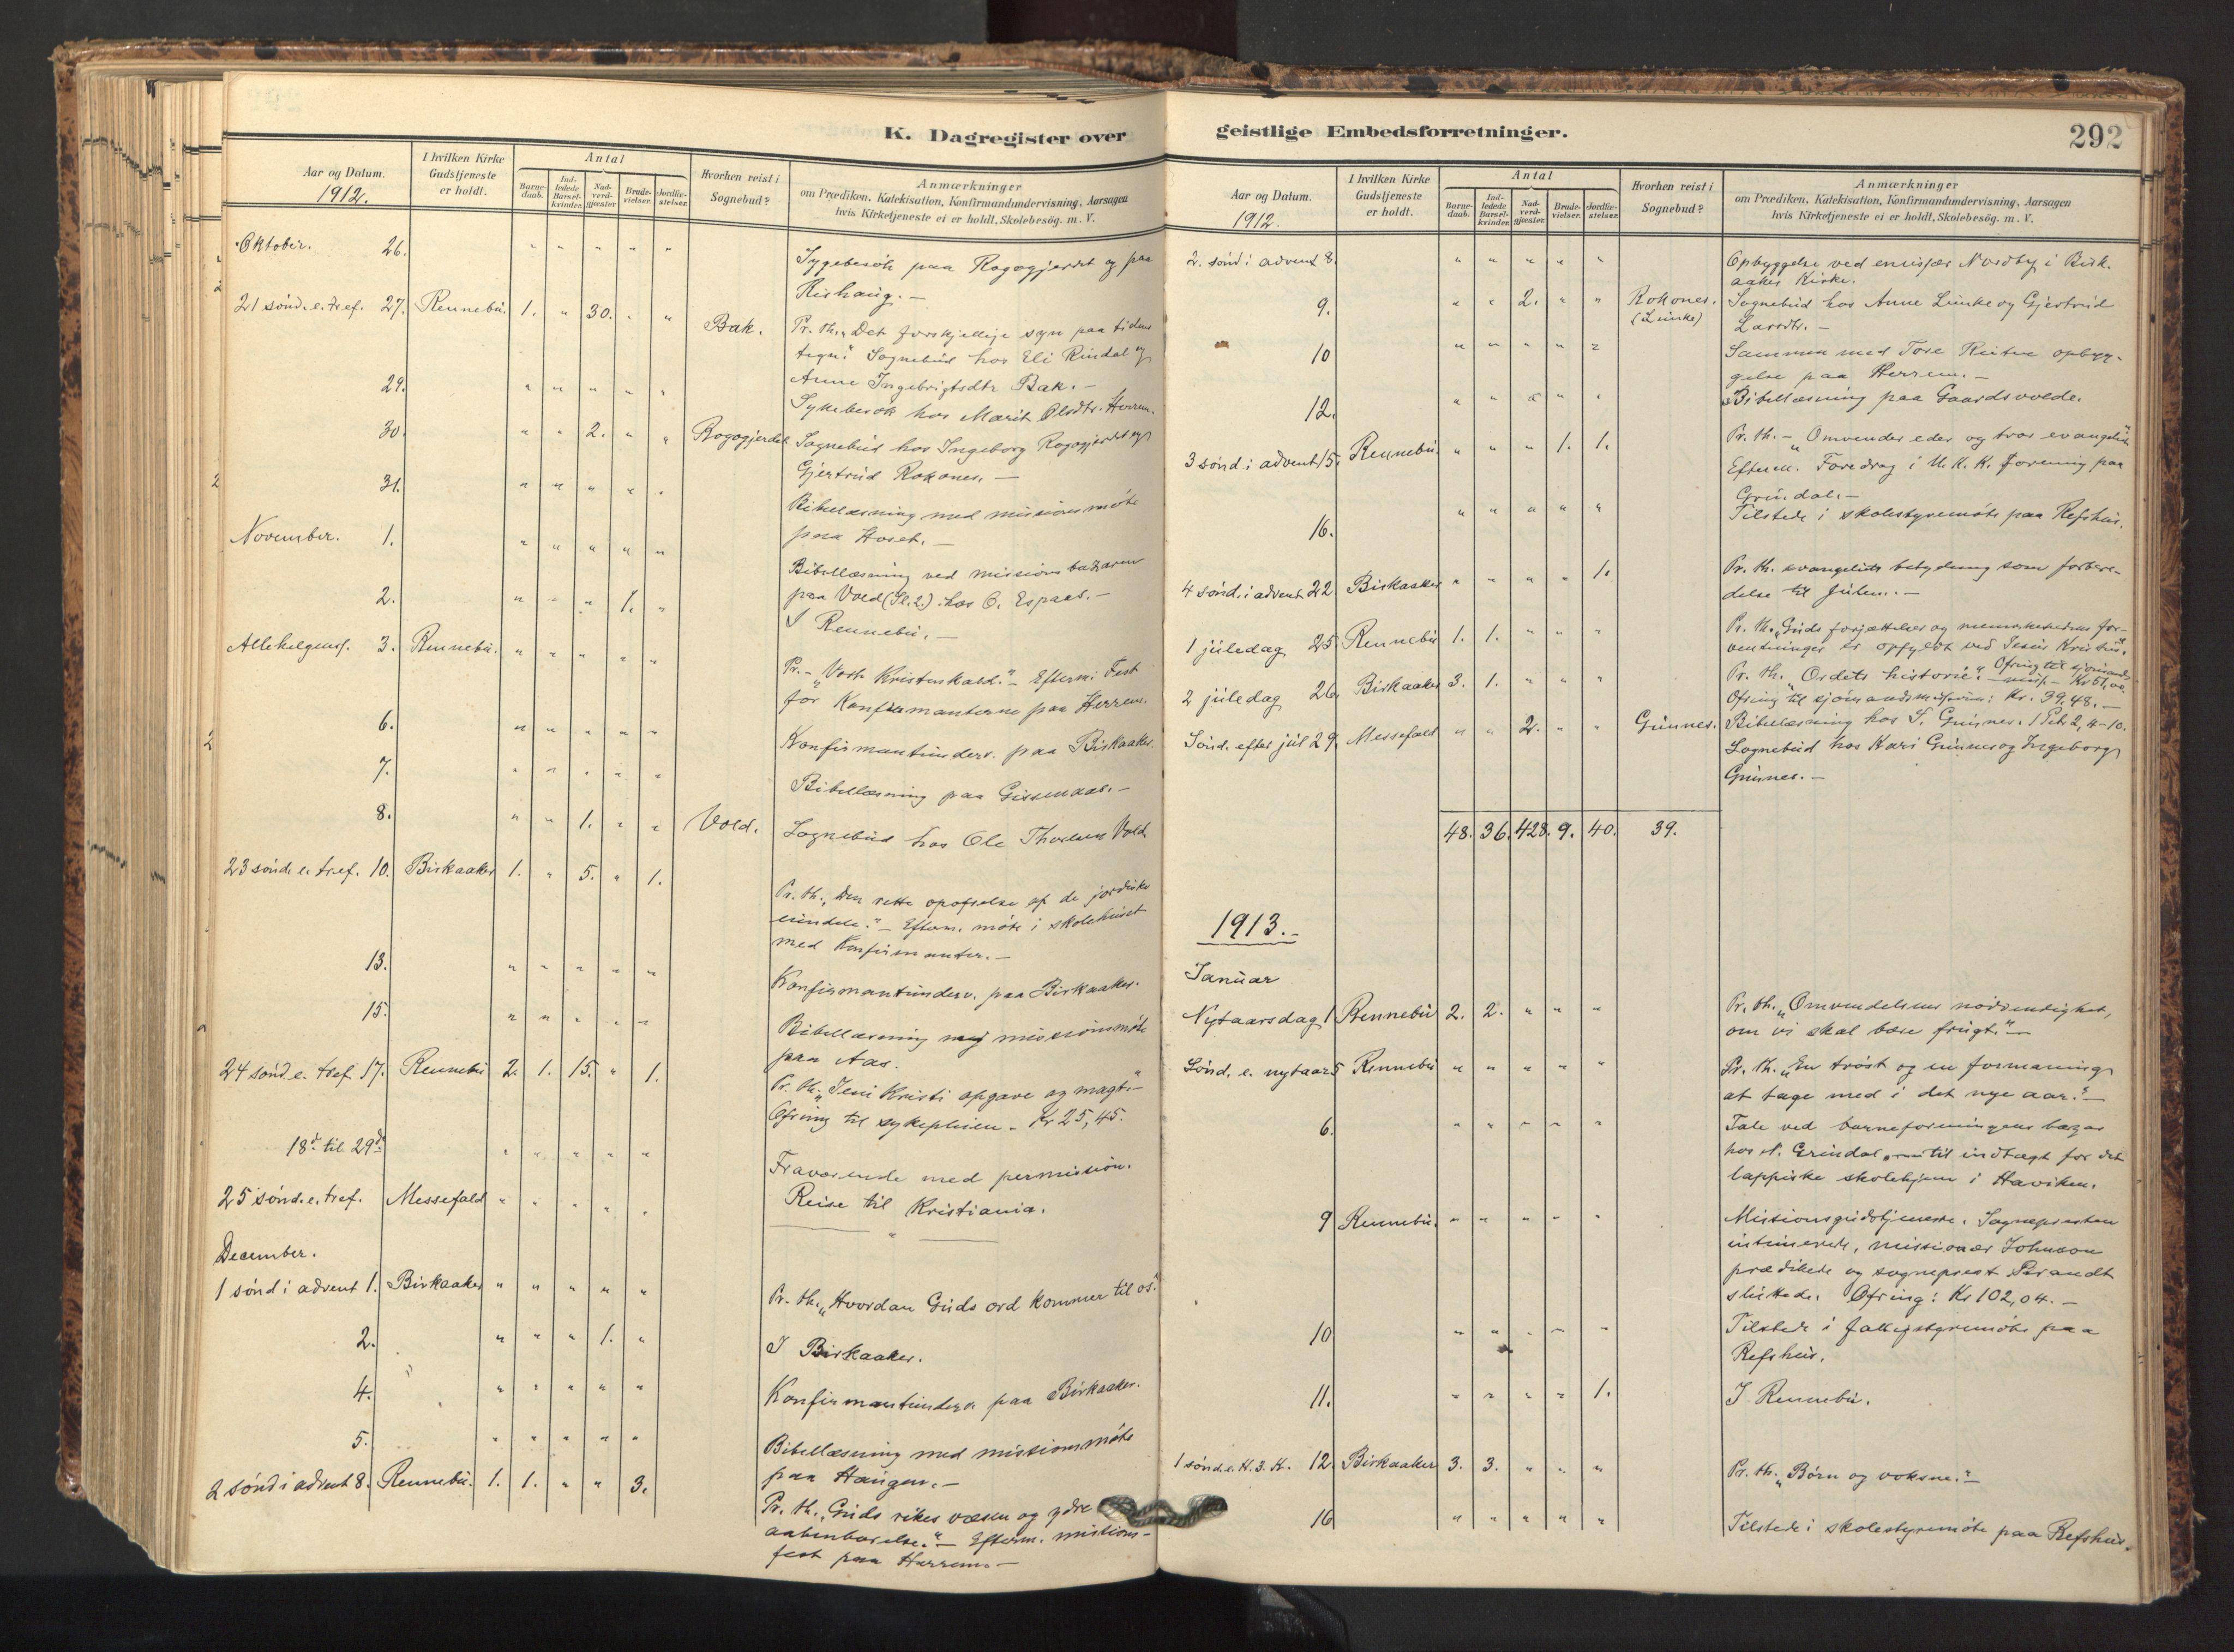 SAT, Ministerialprotokoller, klokkerbøker og fødselsregistre - Sør-Trøndelag, 674/L0873: Ministerialbok nr. 674A05, 1908-1923, s. 292